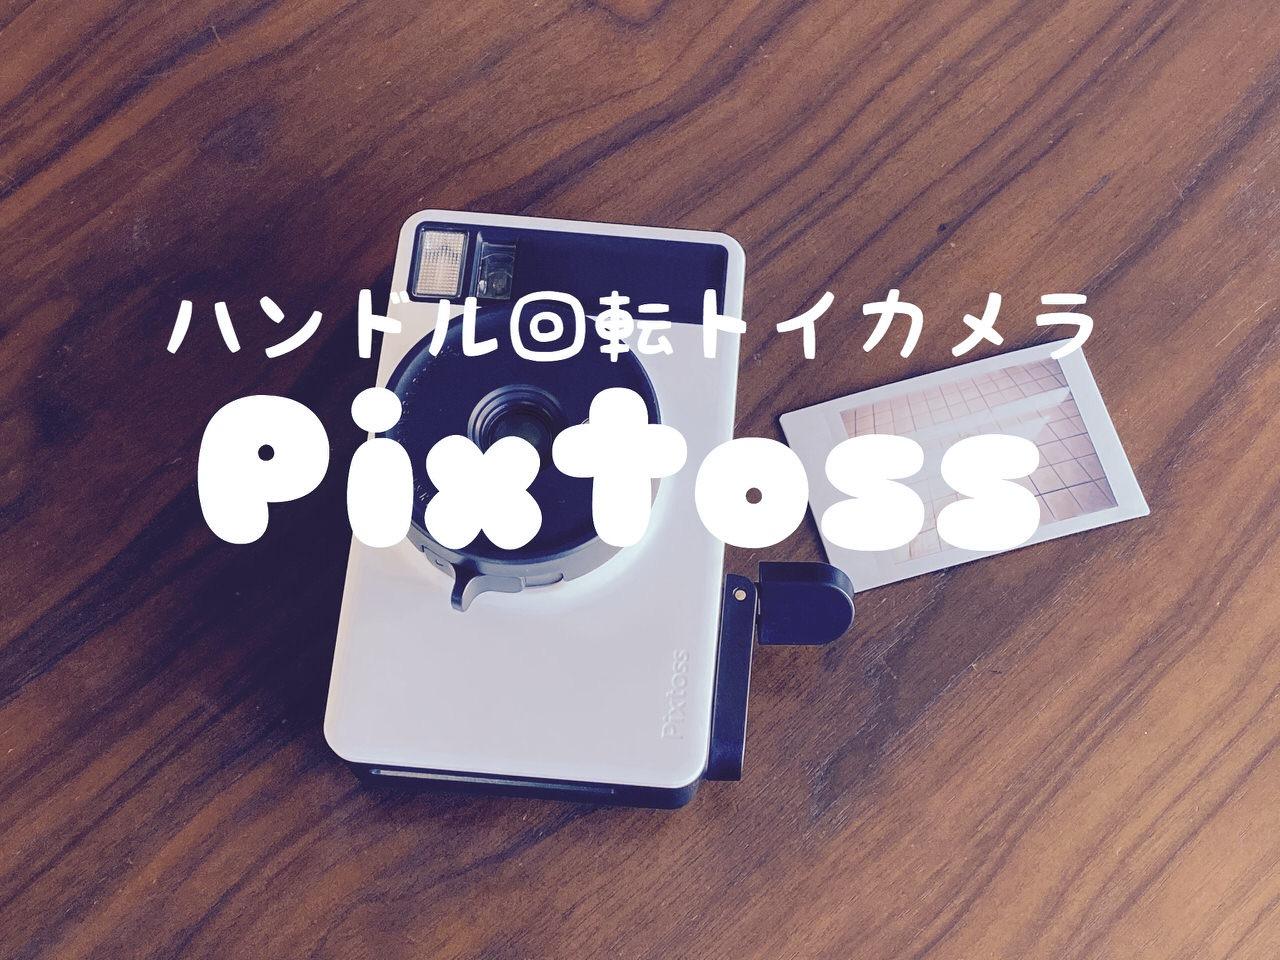 シャッター押してハンドル回すインスタントトイカメラ「Pixtoss(ピックトス)」光の加減に手こずるも久しぶりのアナログ写真は楽しい!